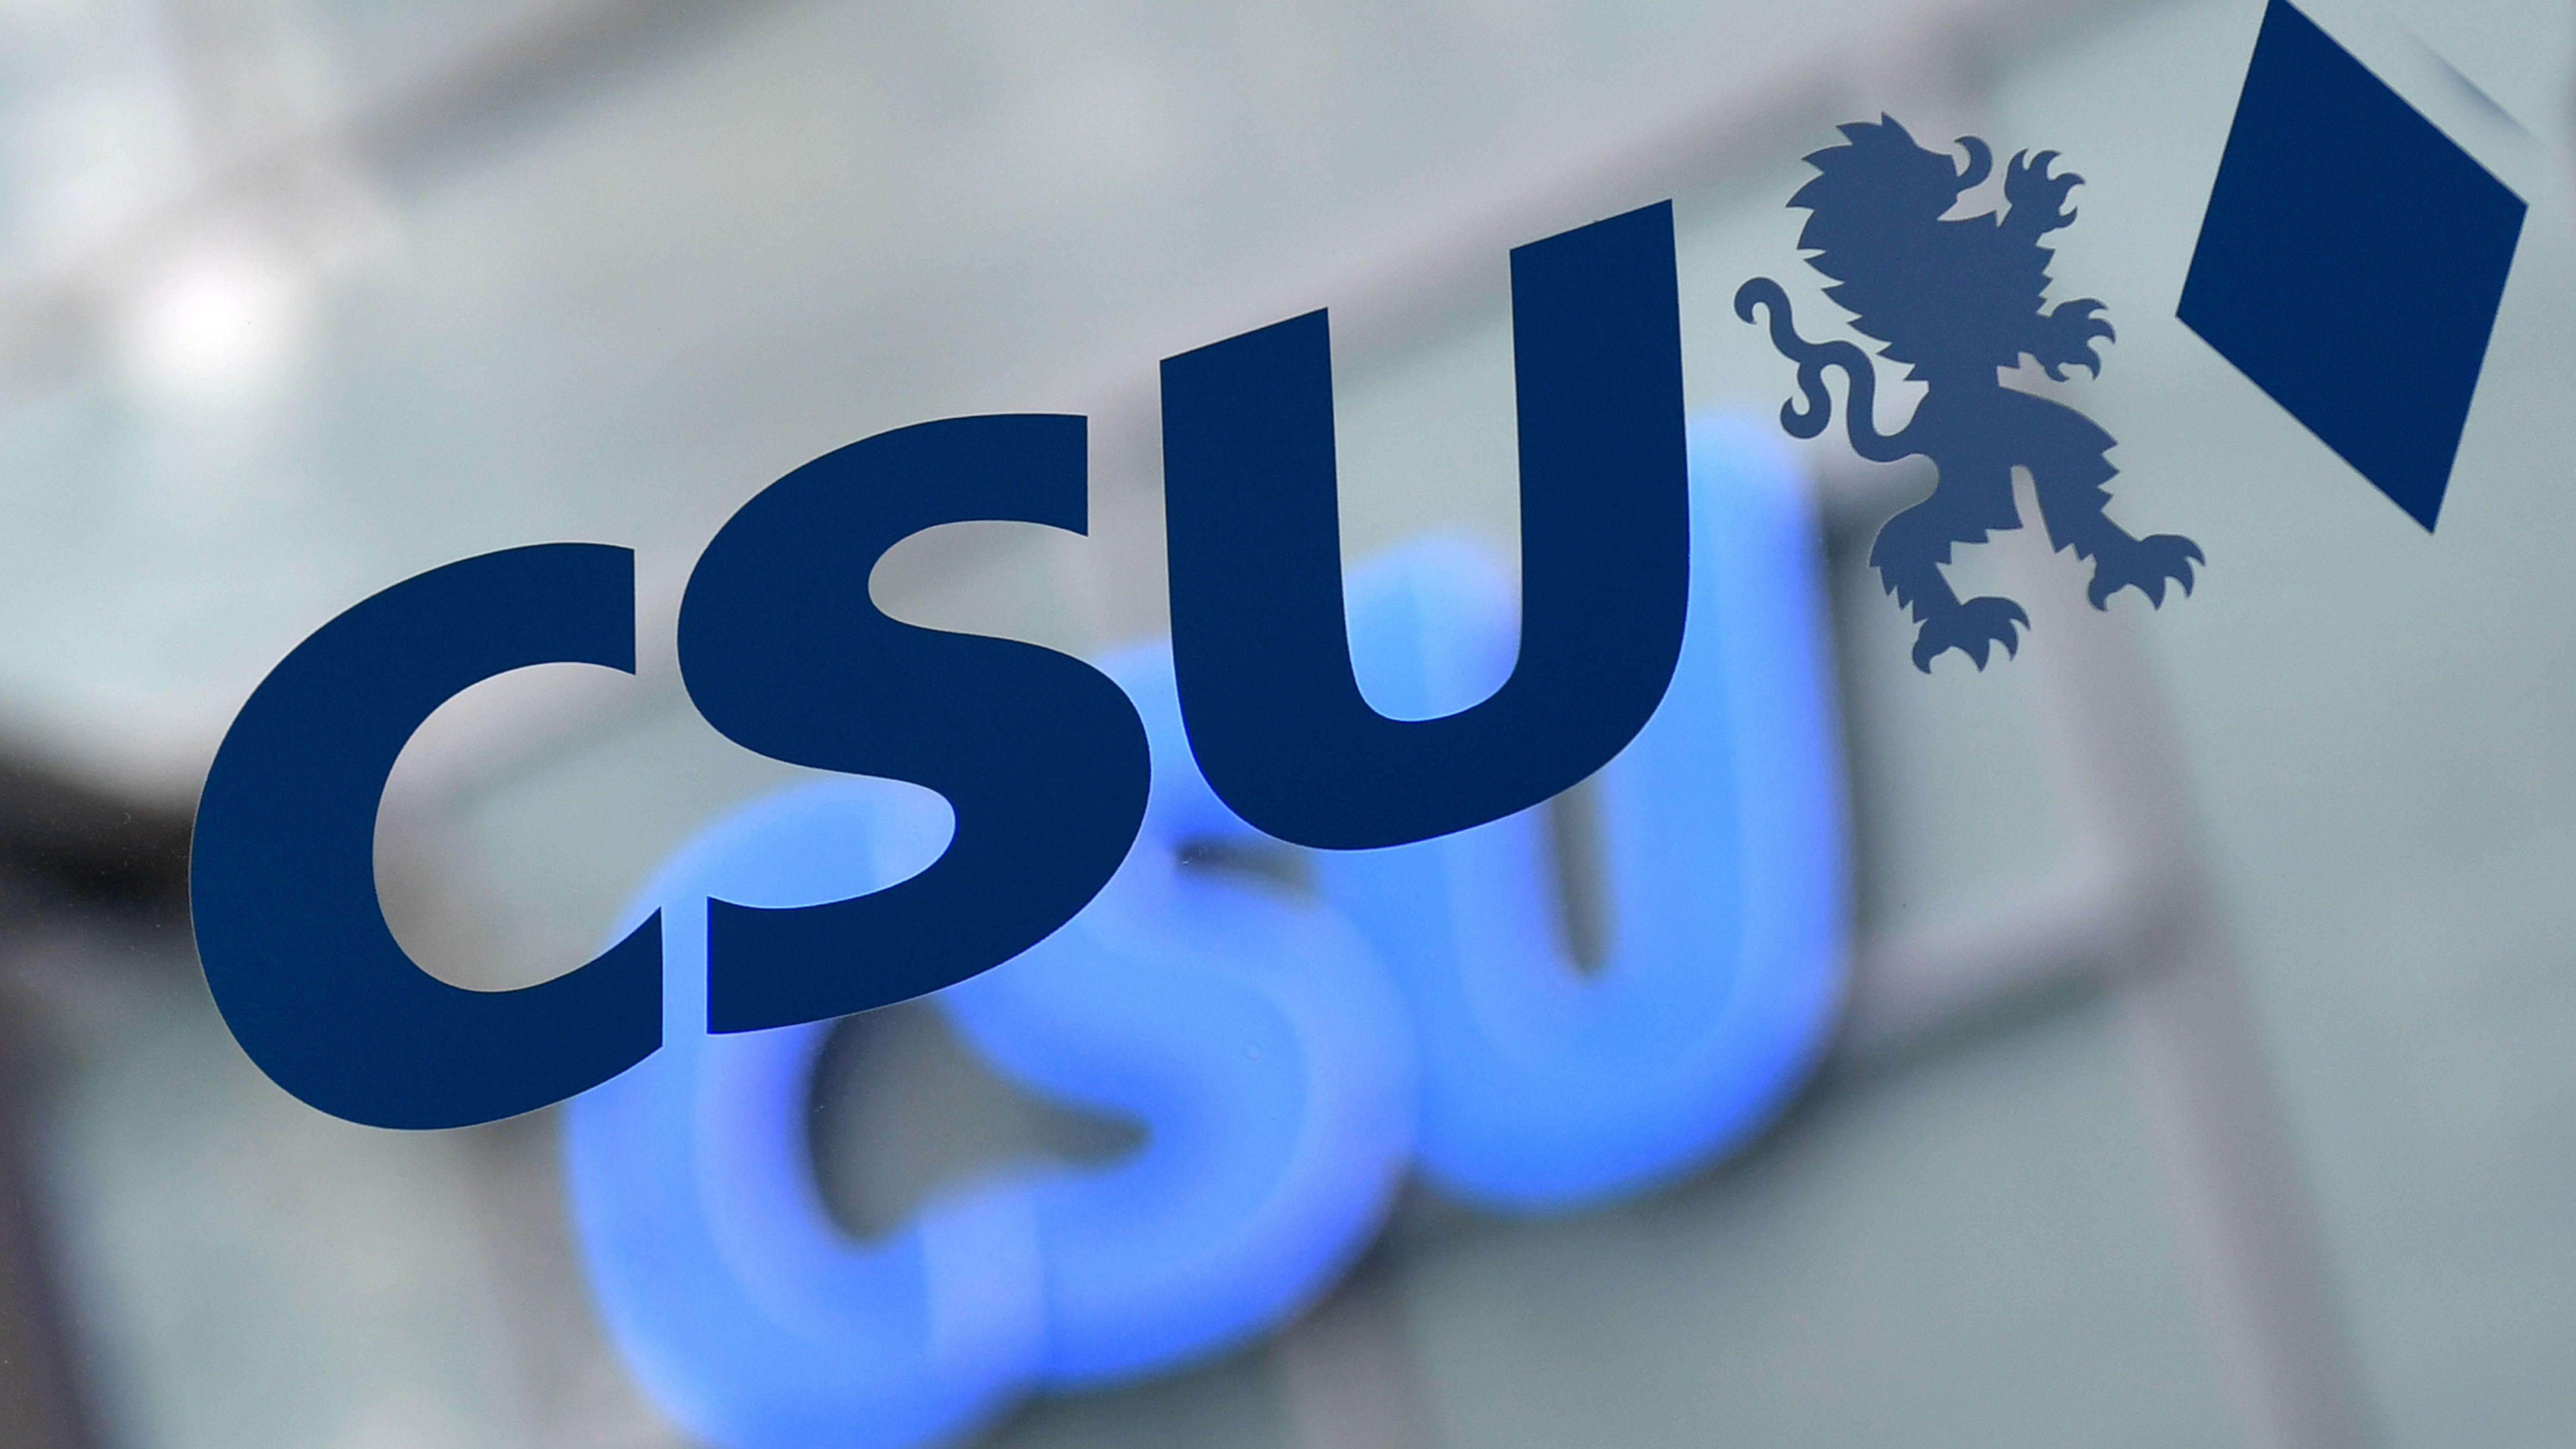 Die CSU in Regensburg lässt ihre Mitglieder darüber abstimmen, wer die Partei in den Oberbürgermeister-Wahlkampf im kommenden Jahr führen soll.